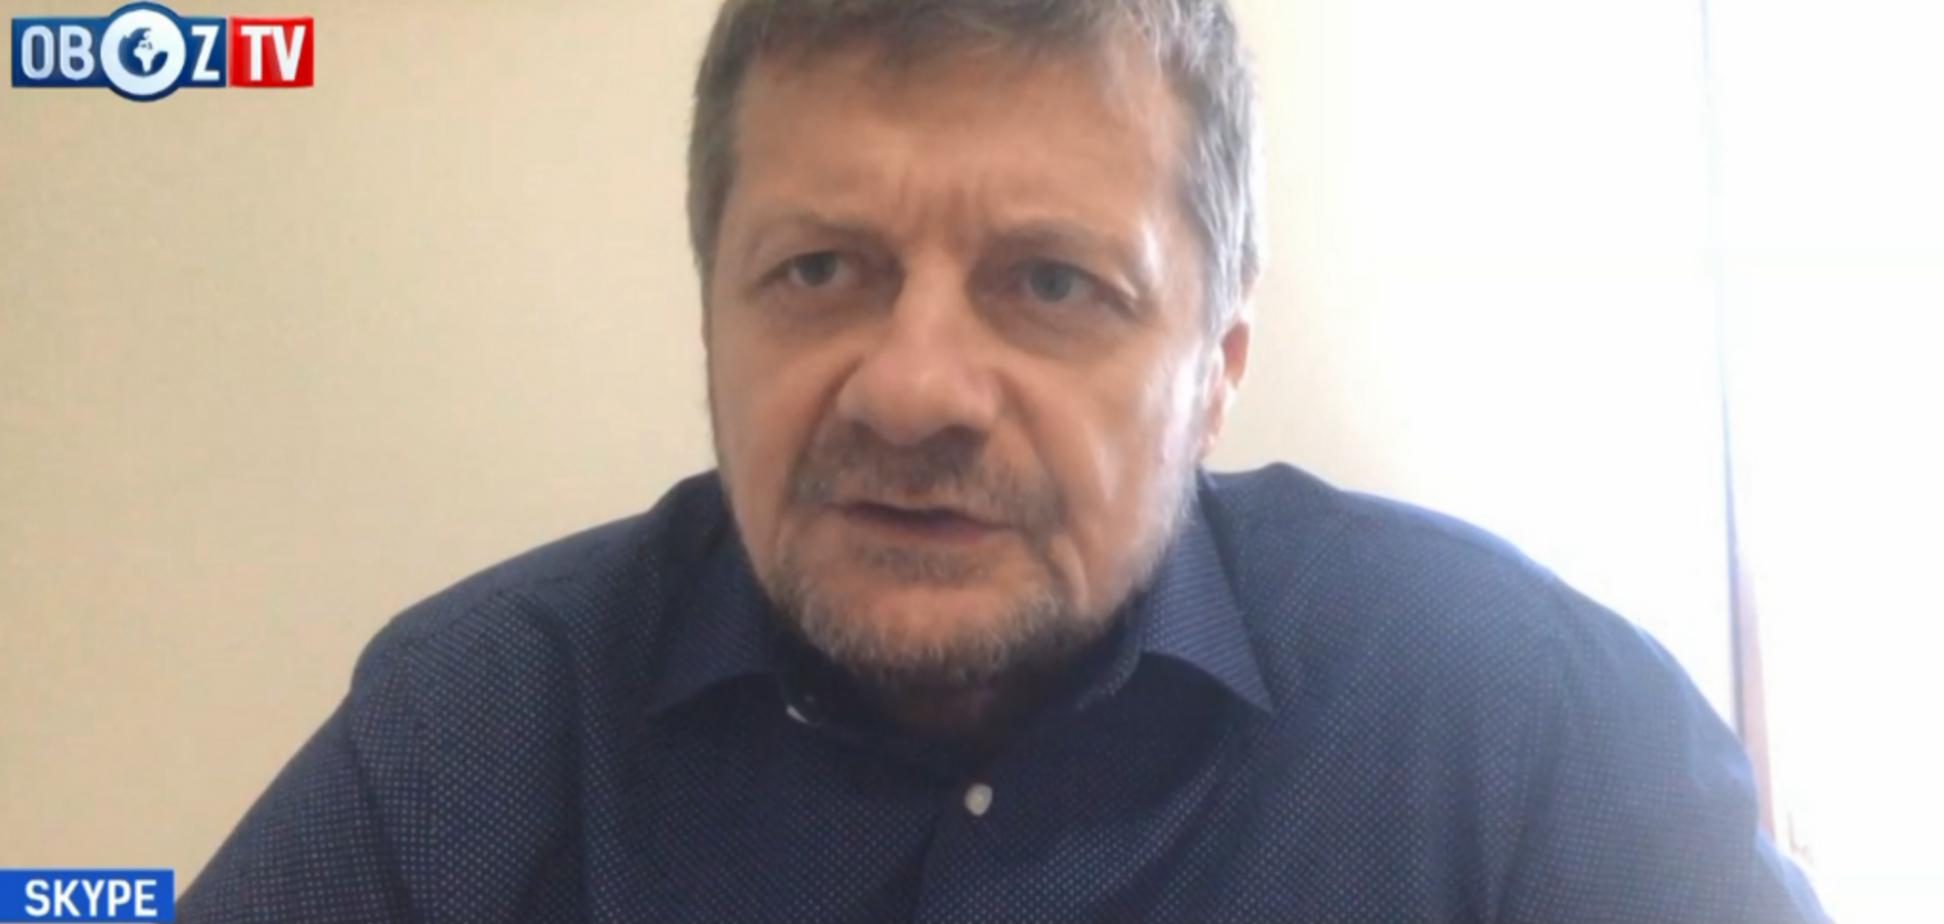 $500 тис. за вбивство Окуєвої: Мосійчук розкрив подробиці справи